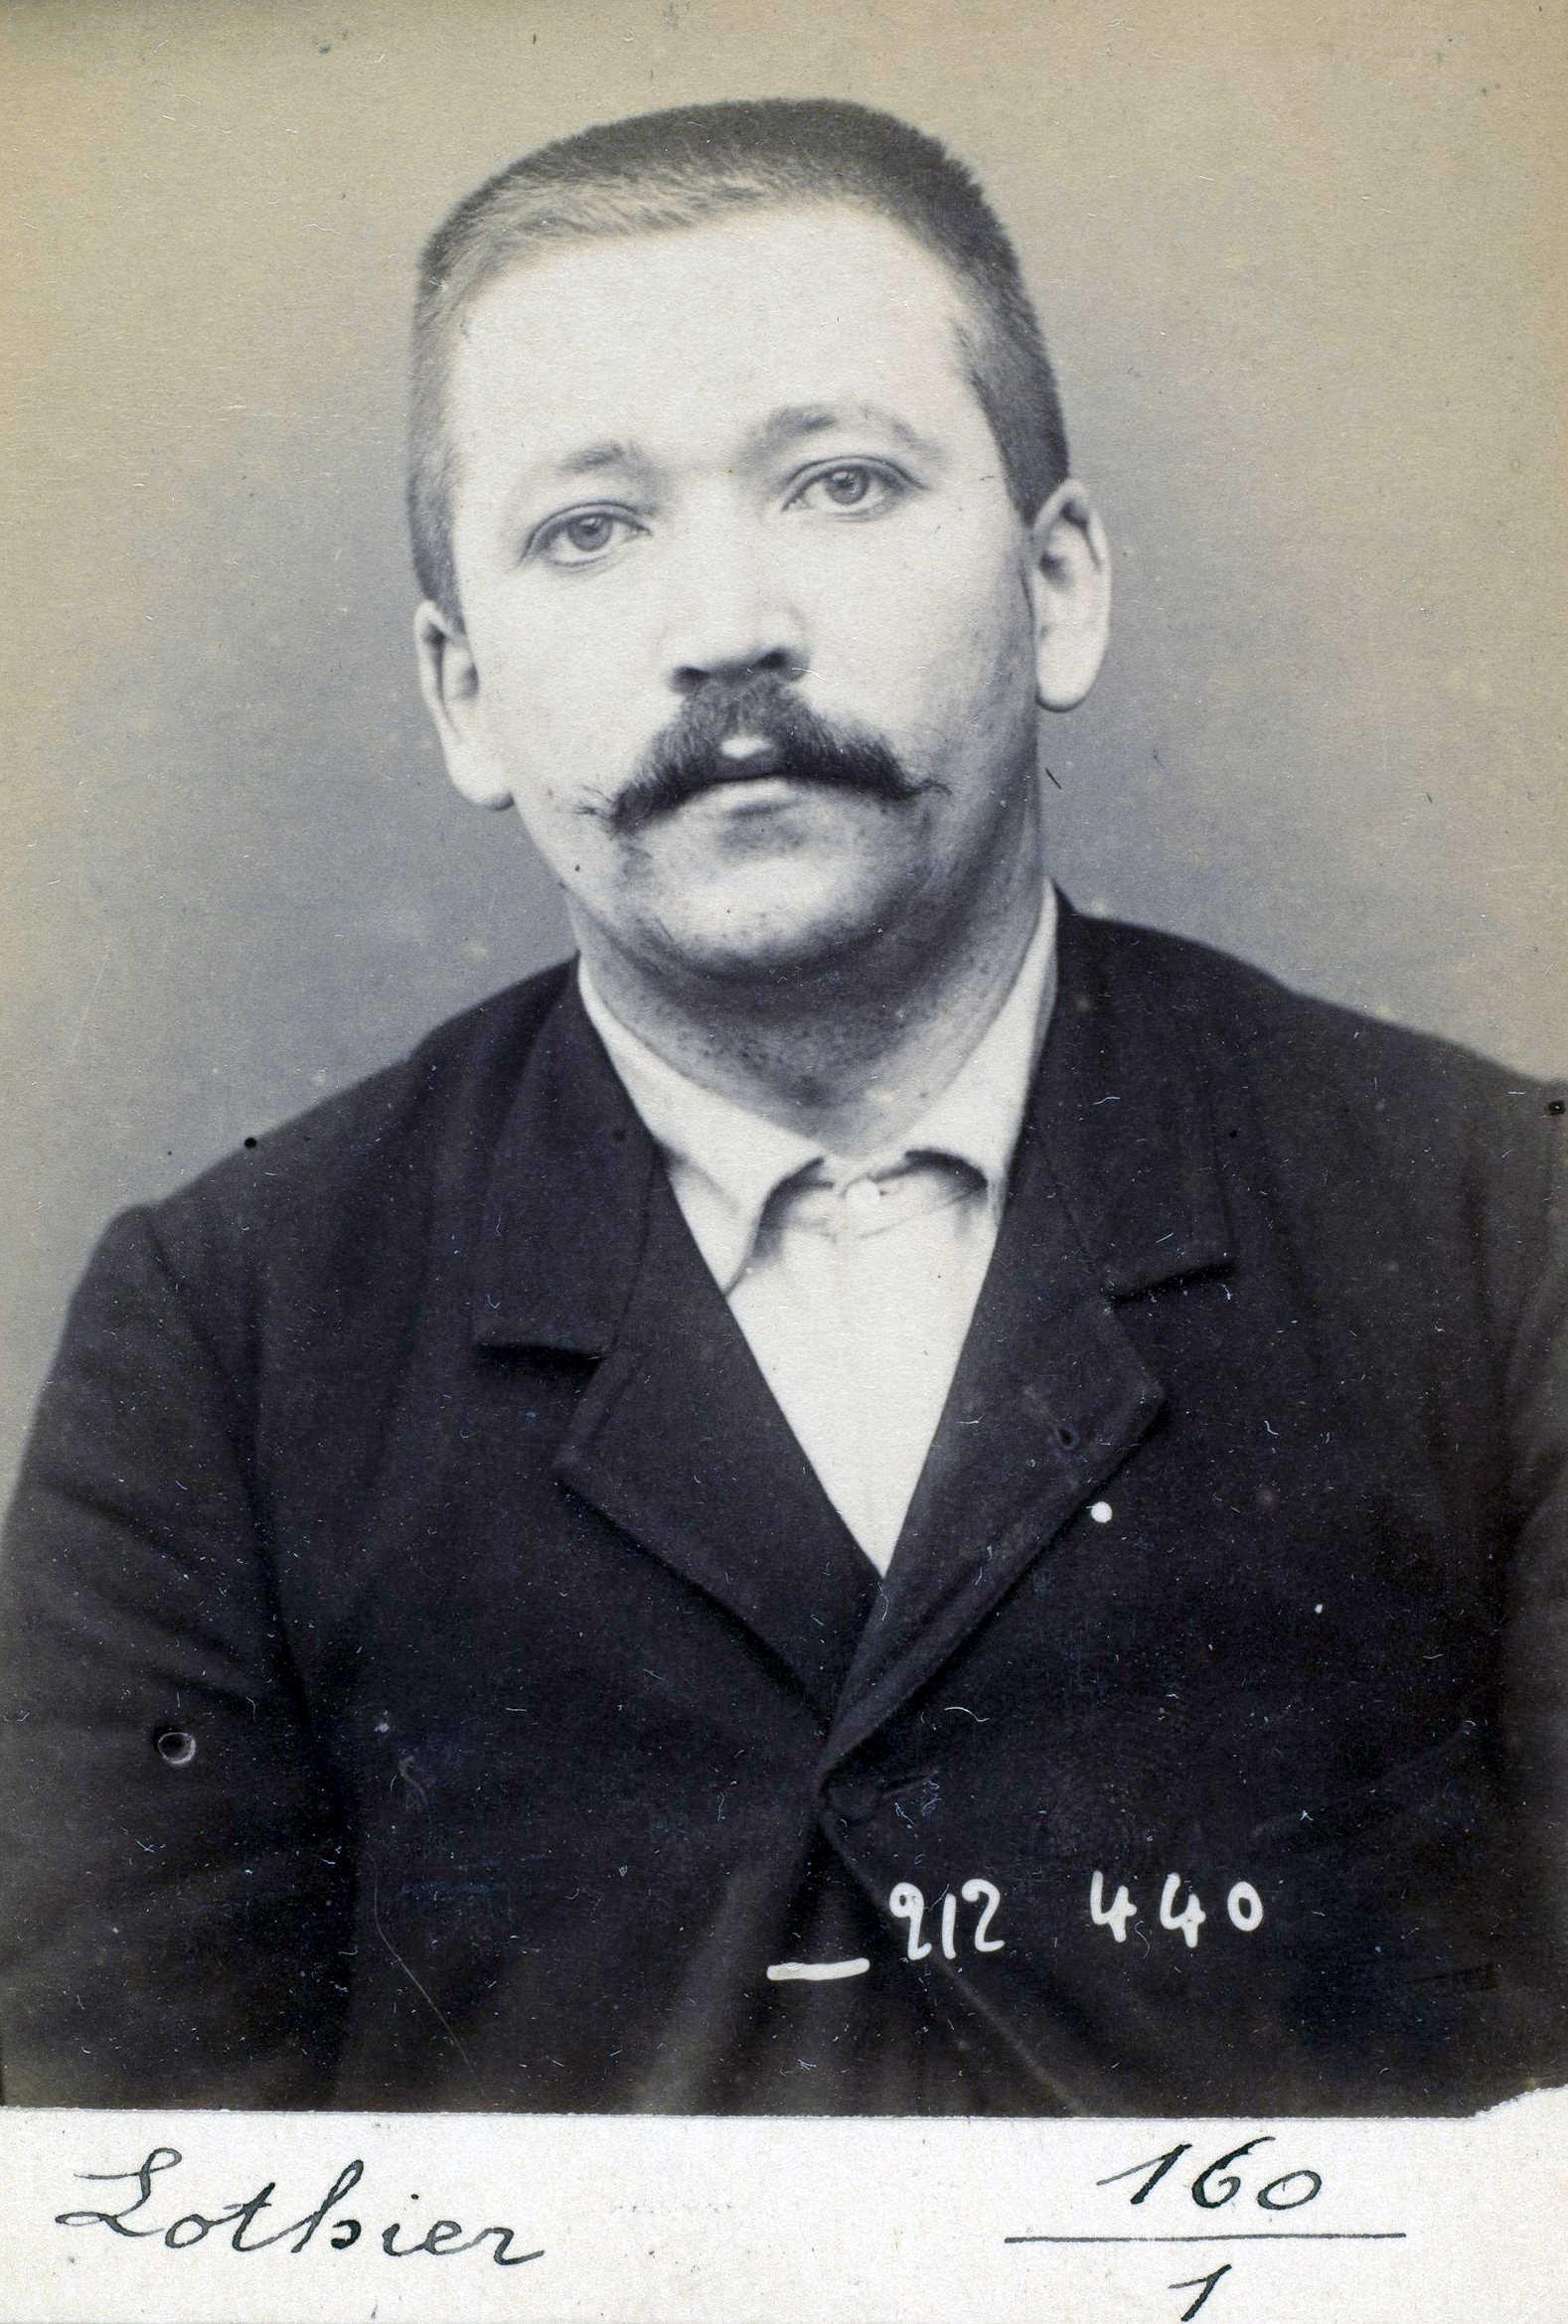 Foto policíaca de Gaston Lothier (1 de gener de 1894)